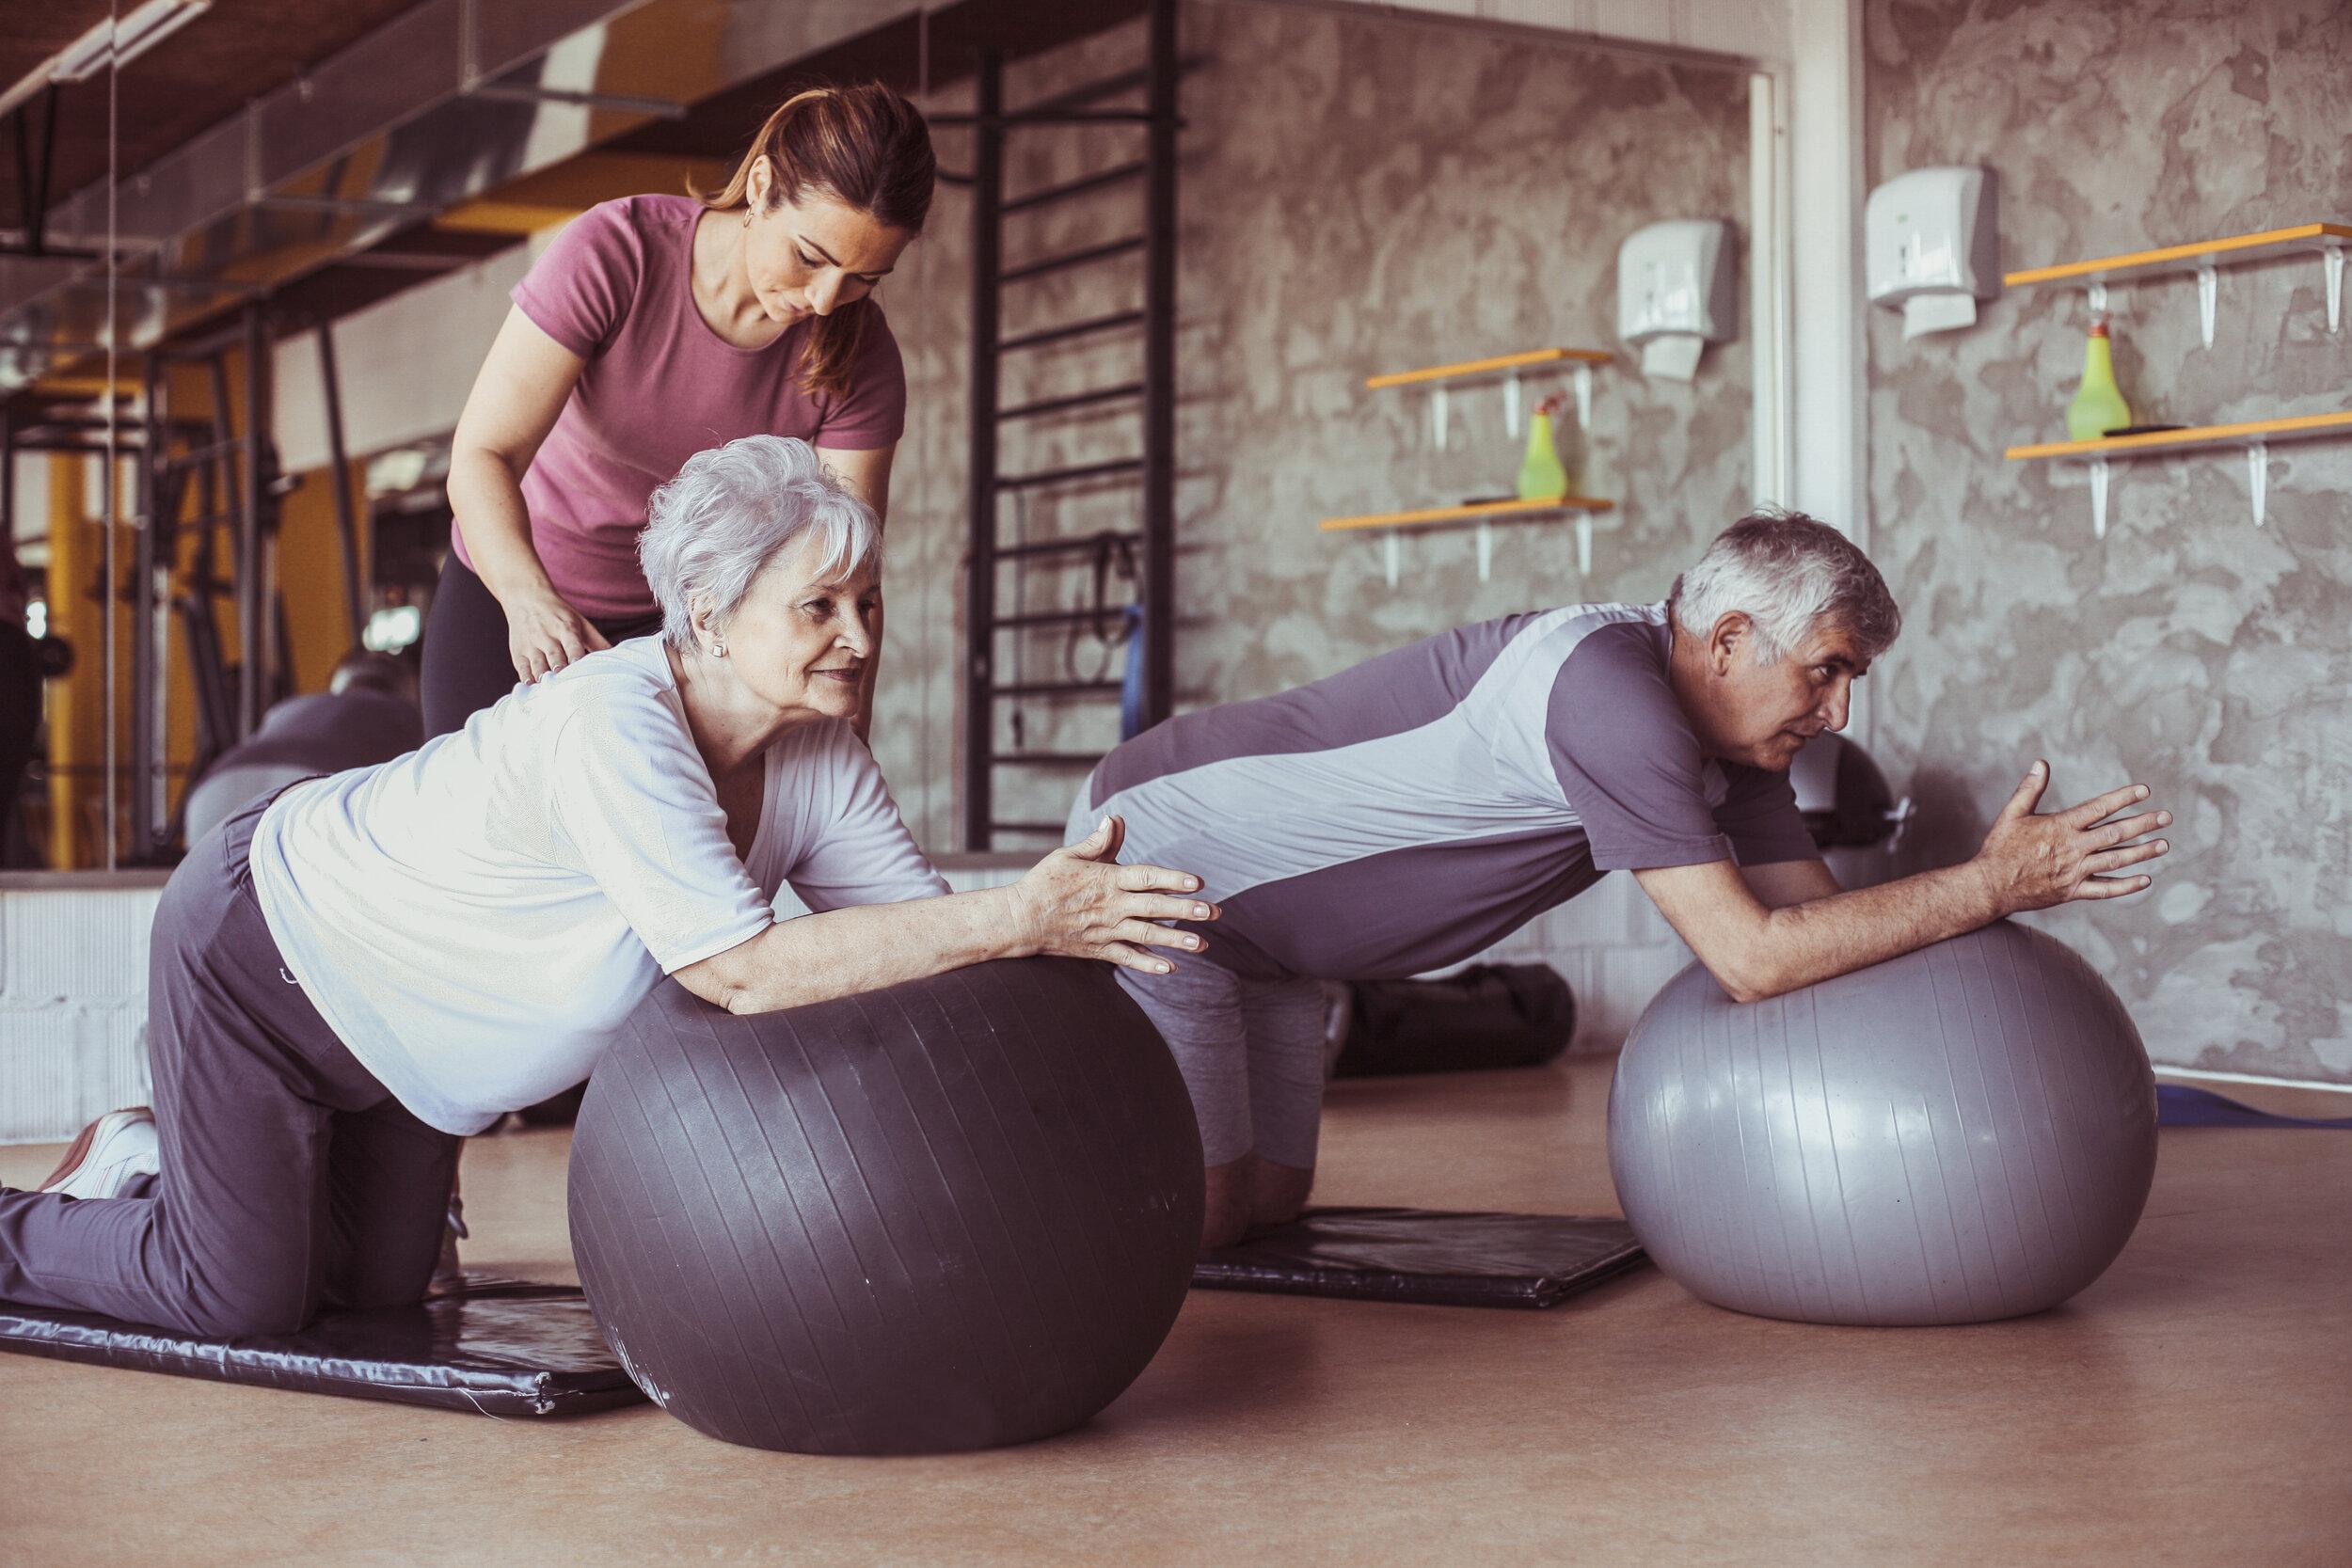 pilatescircuit  for arthritis.jpg